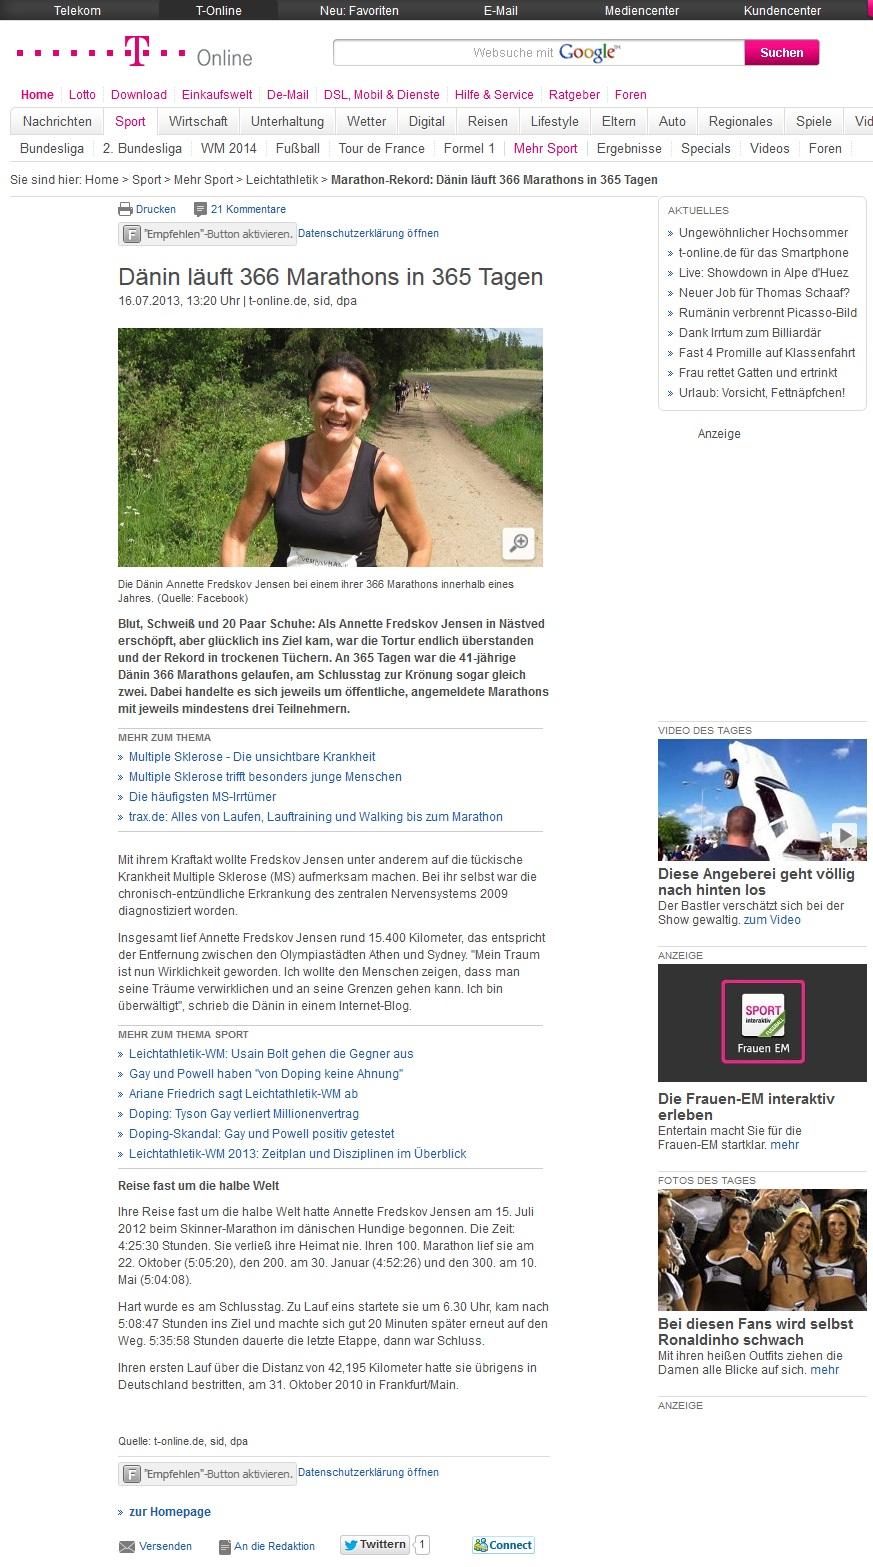 t-online.de 2013.07.16 tysk